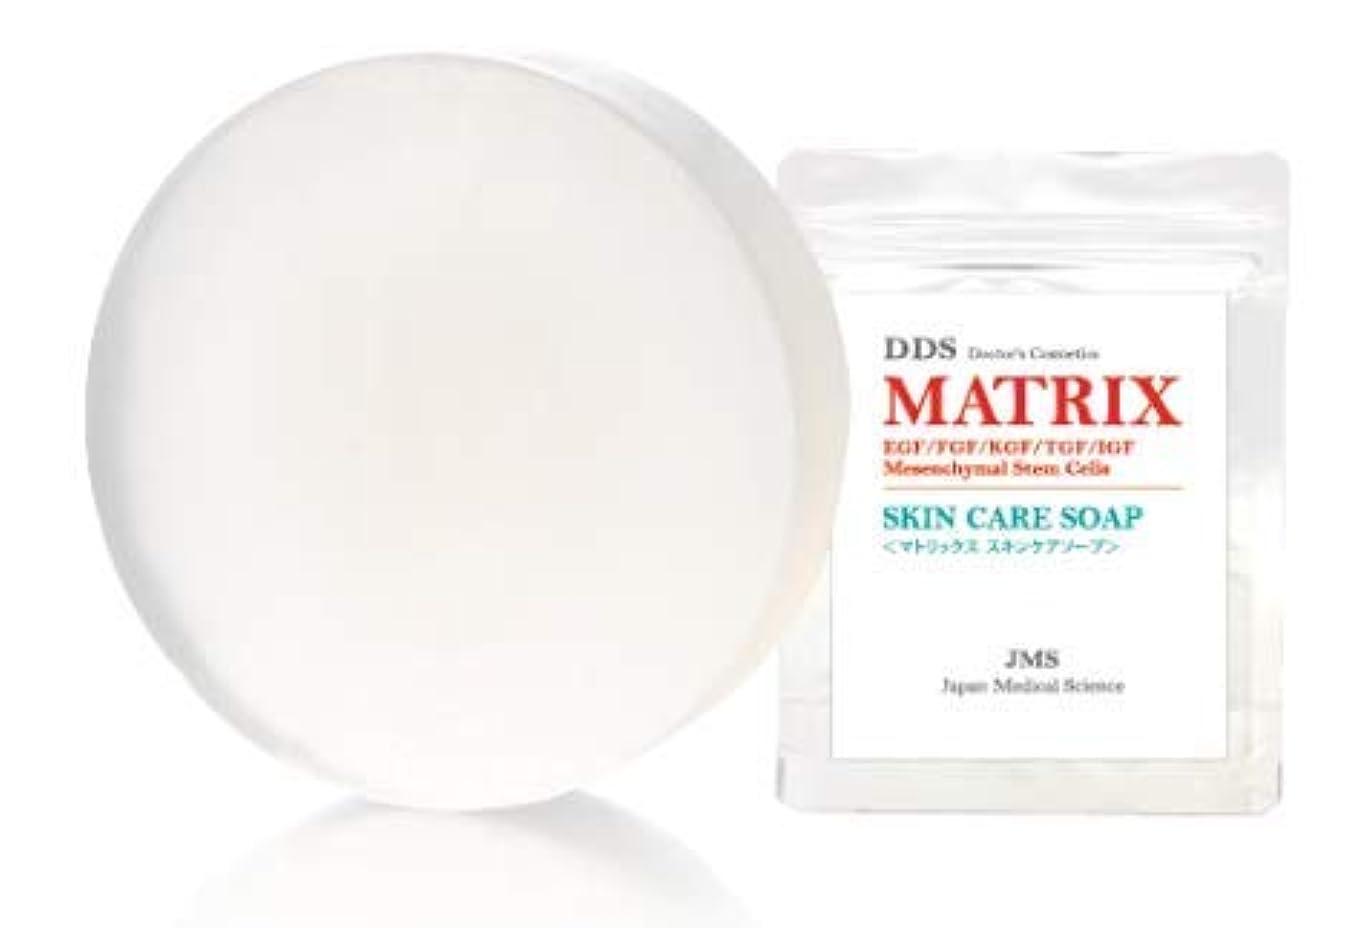 上げる冷蔵庫有用DDS MATRIX SKIN CARE SOAP(マトリックス スキンケア ソープ)80g 洗顔石鹸 全身にも